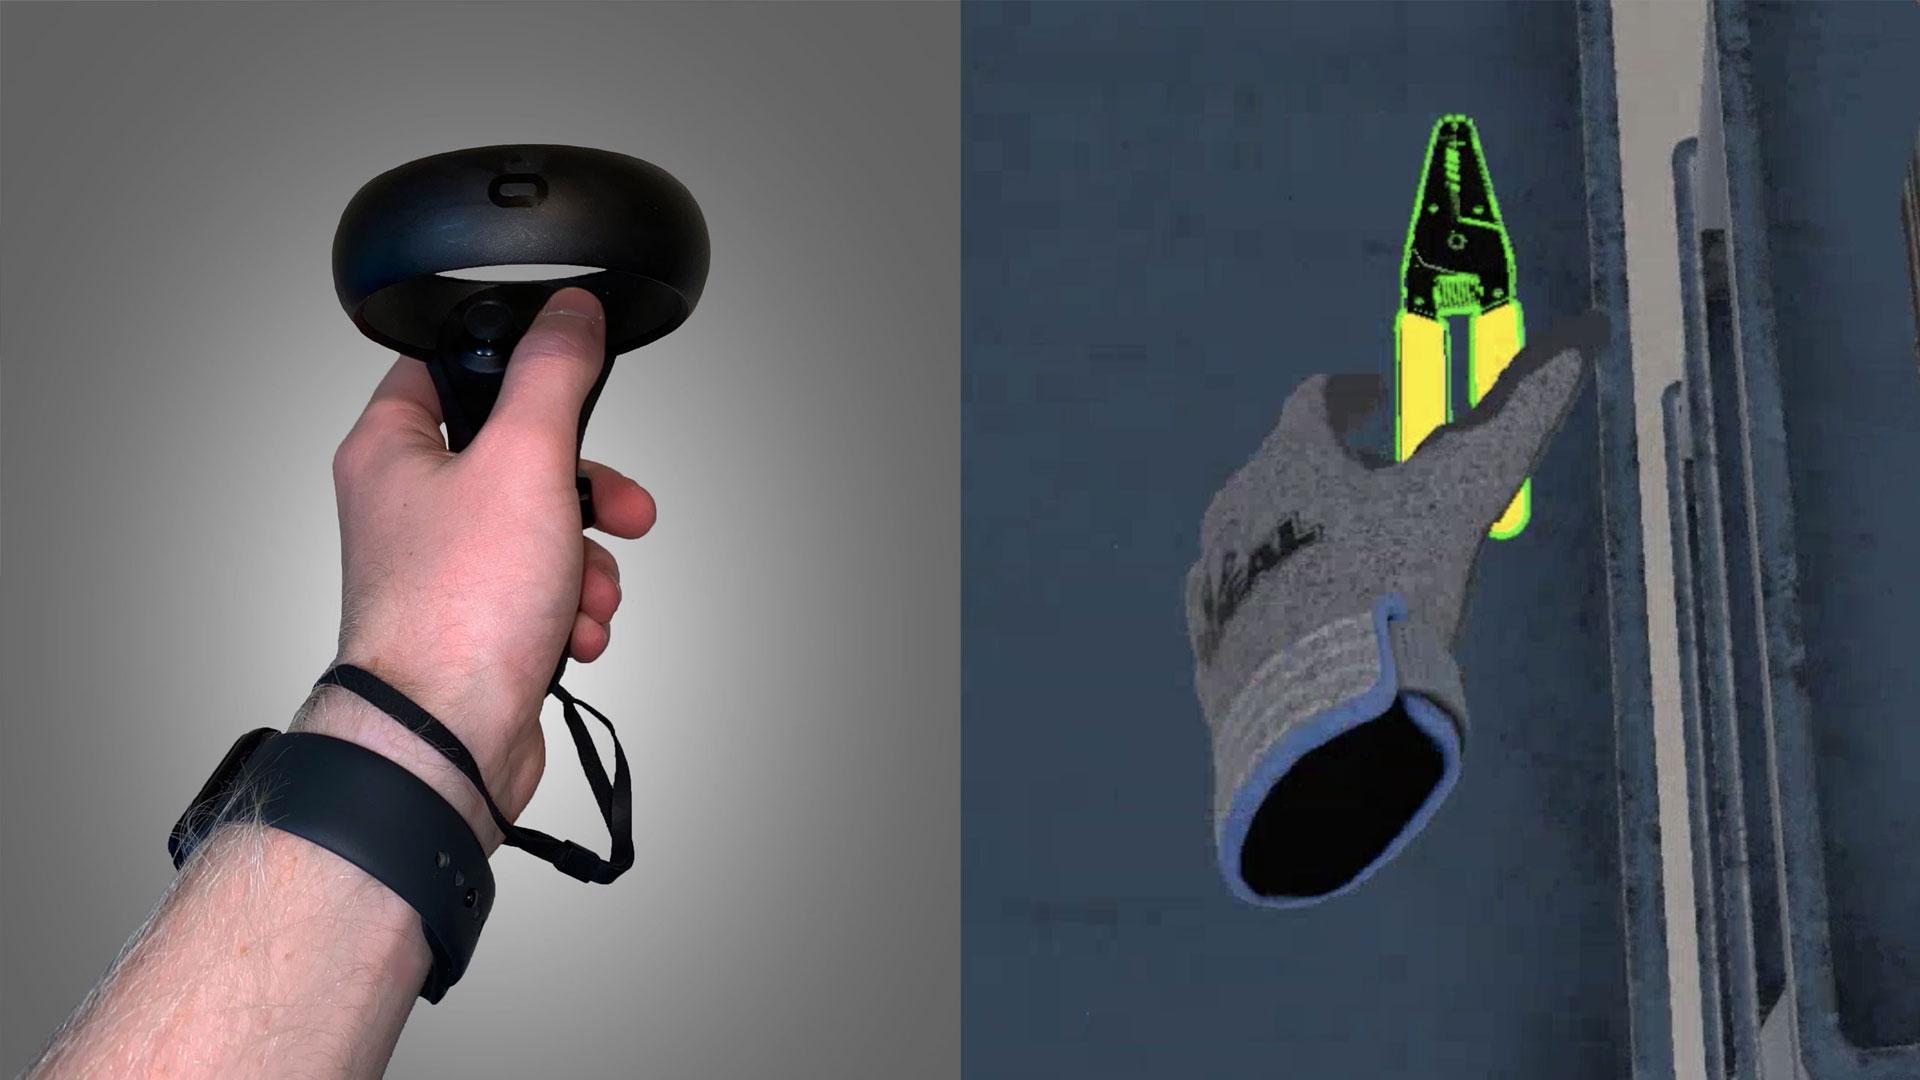 VR tool